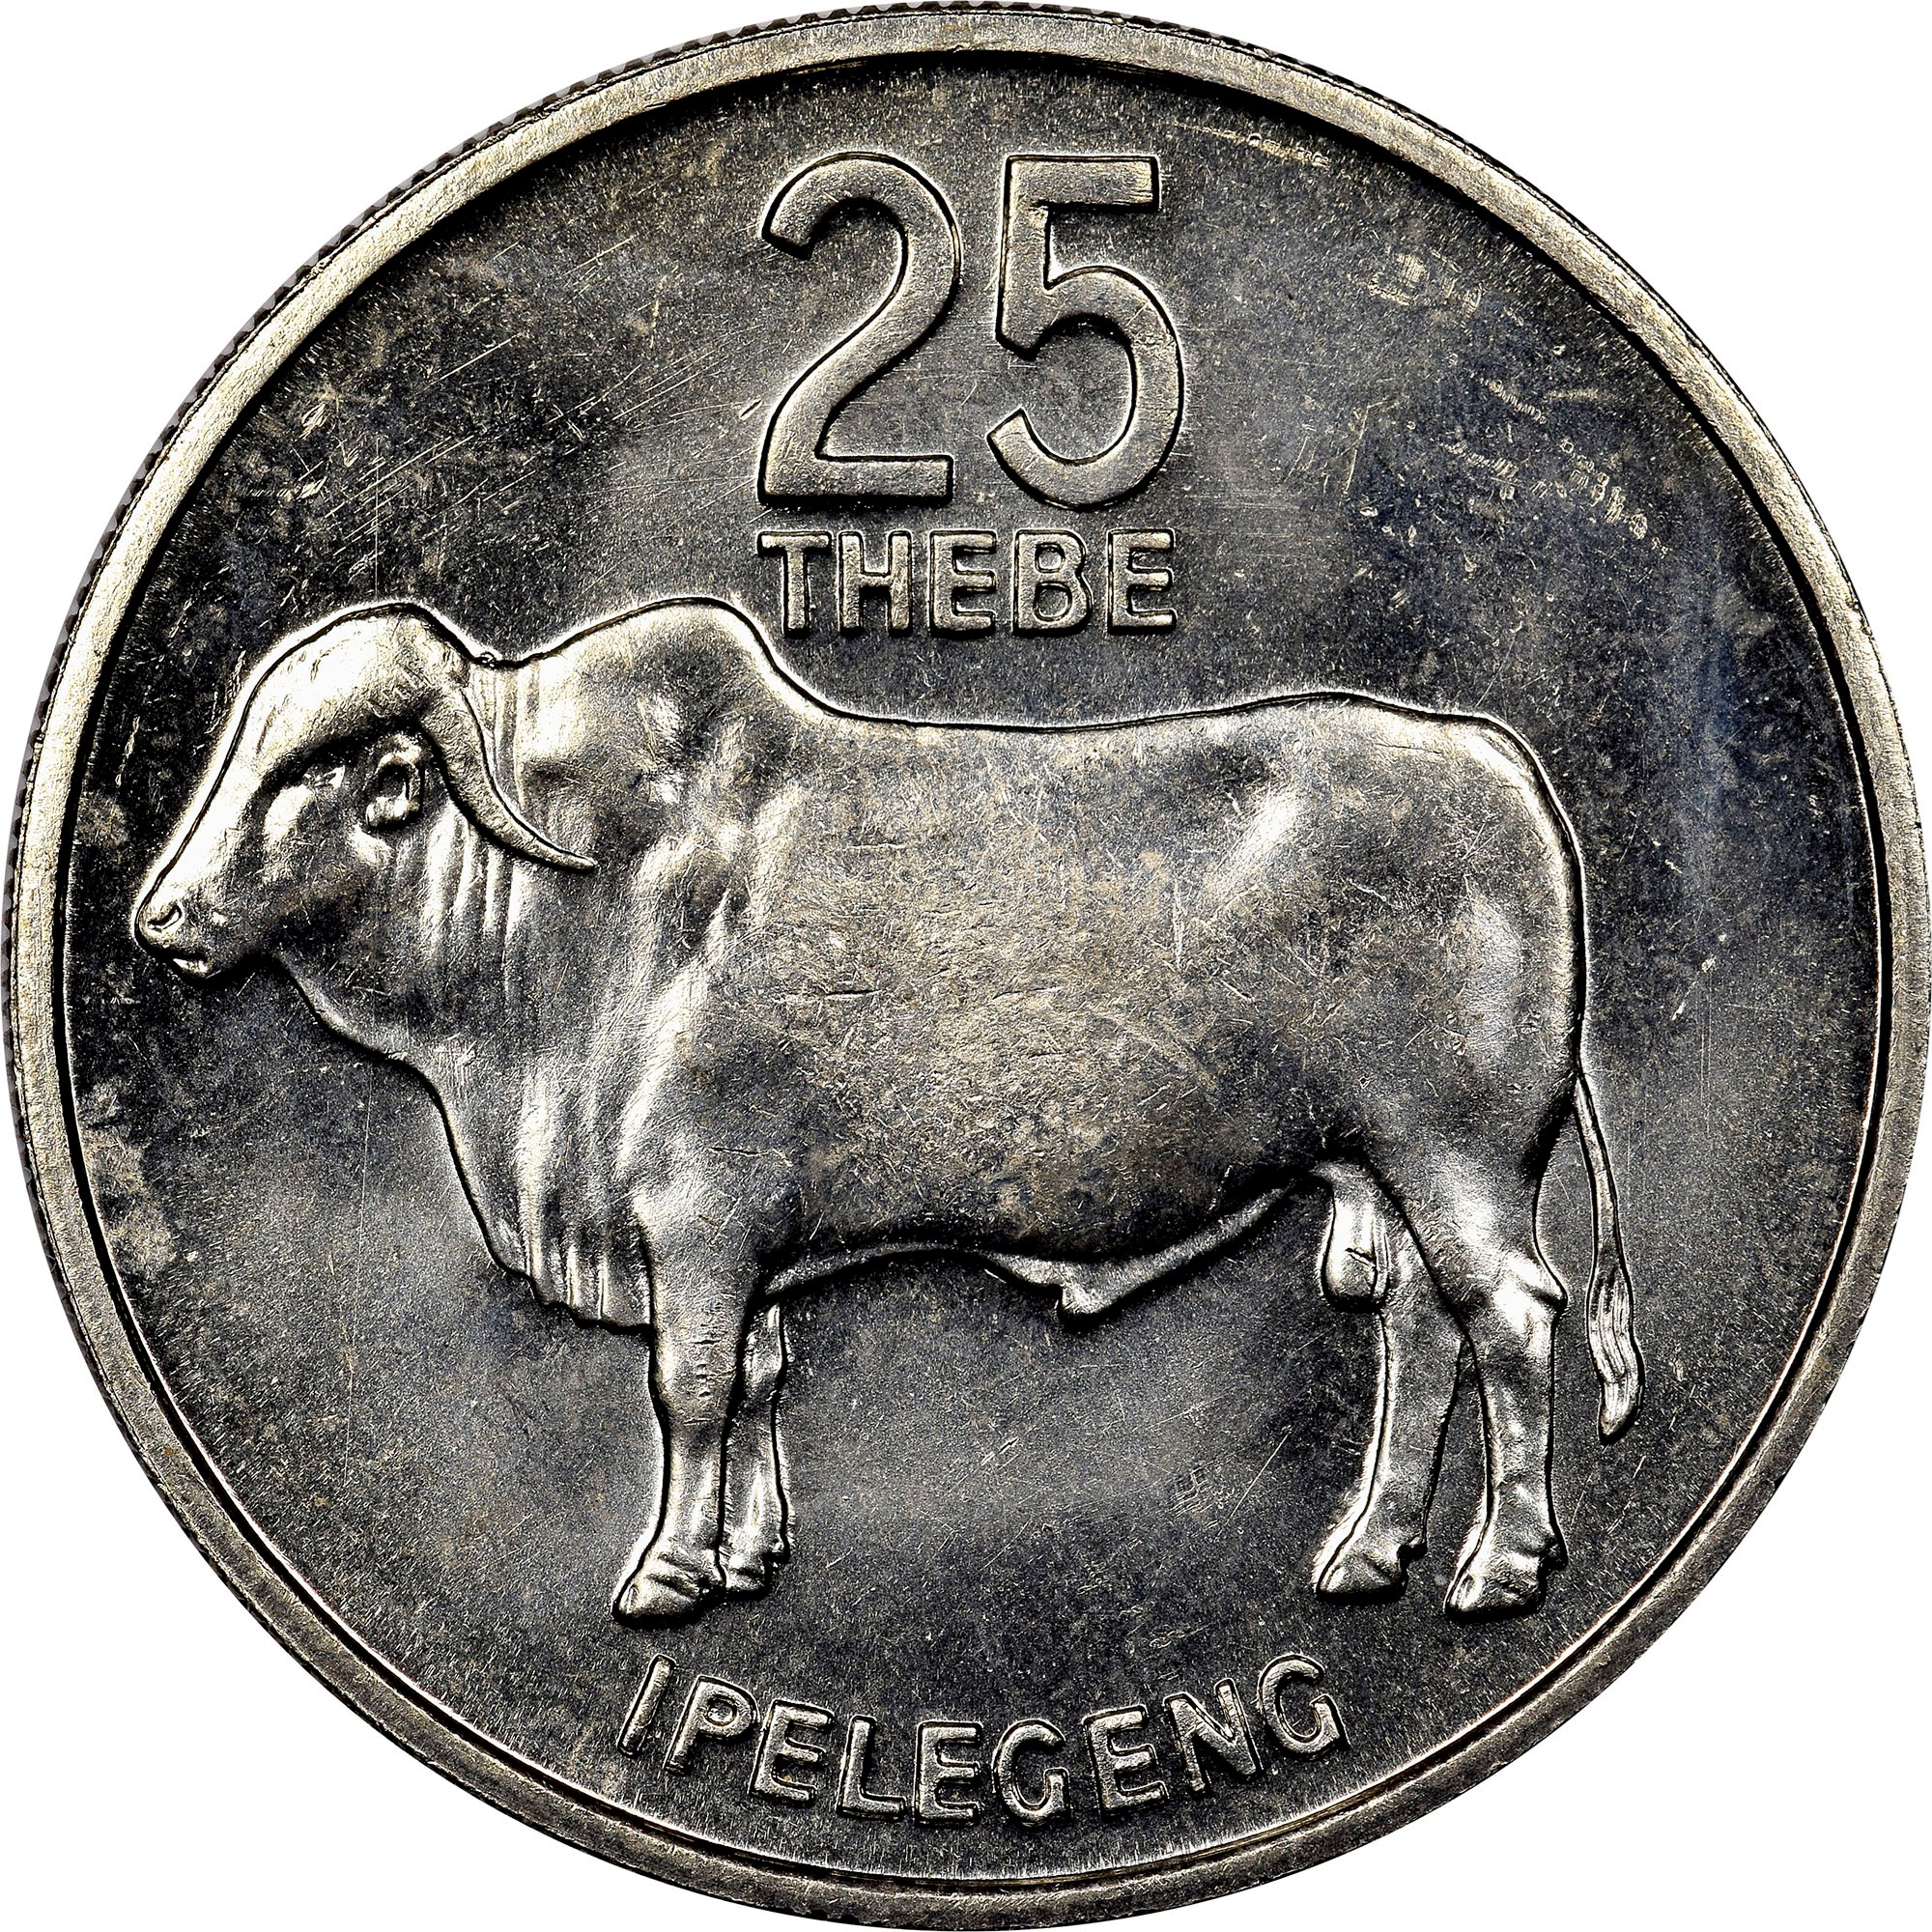 Botswana 25 Thebe reverse